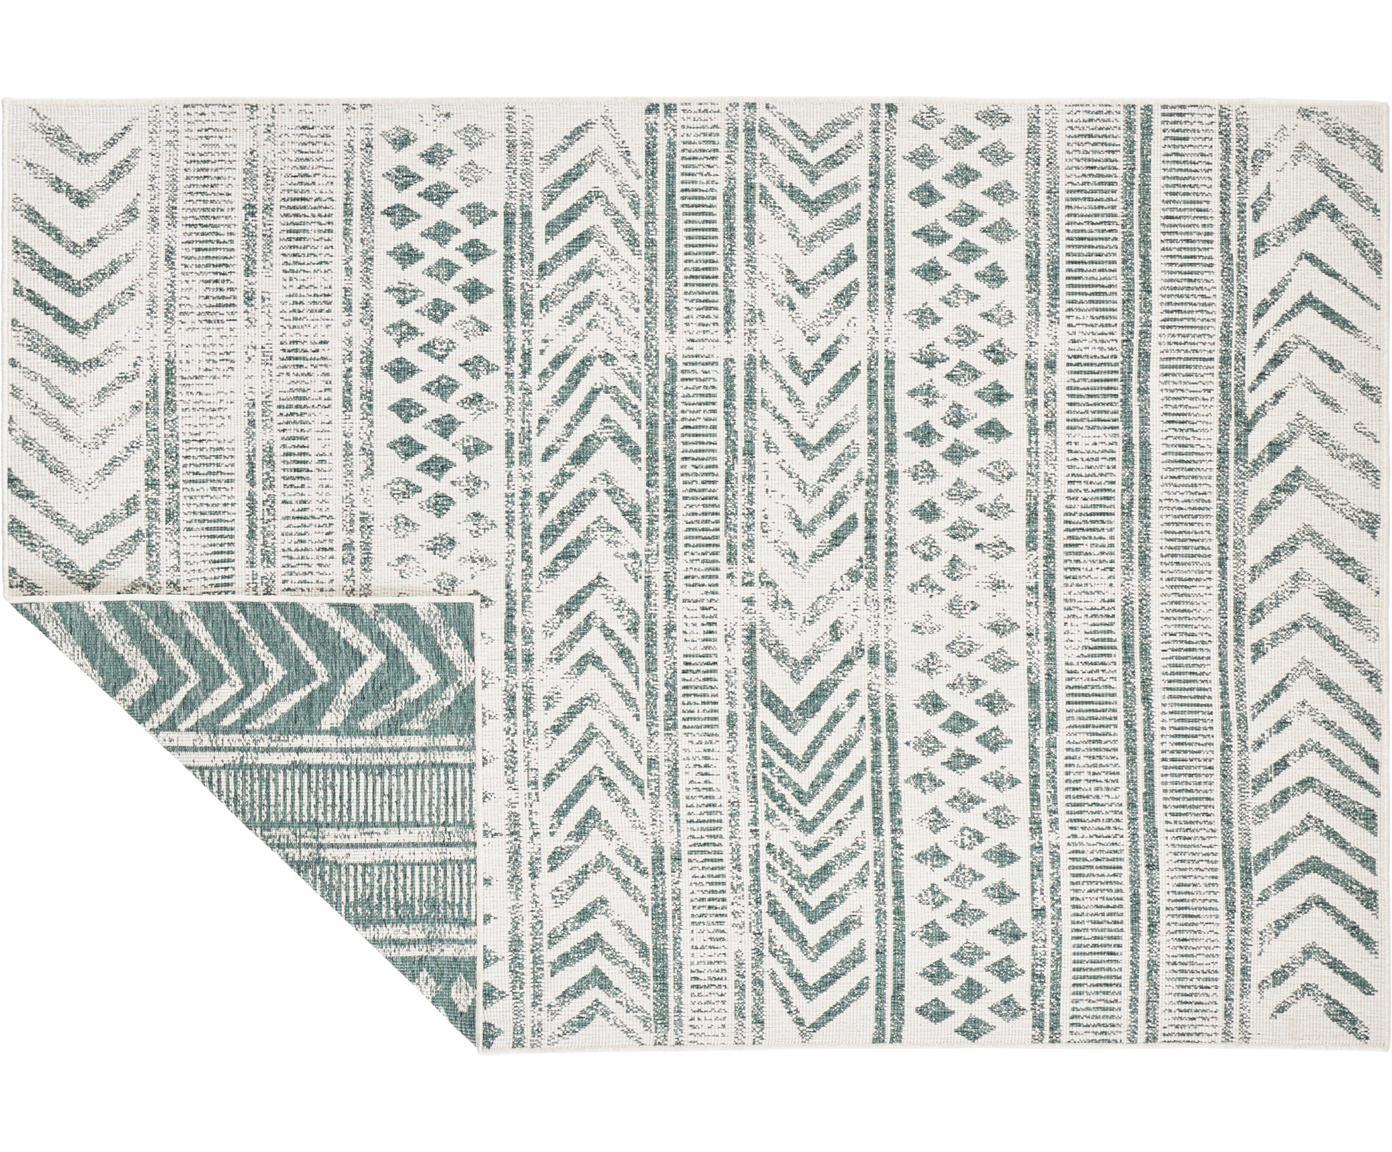 Dubbelzijdig in- en outdoor vloerkleed Biri met grafisch patroon, Polypropyleen, Groen, crèmekleurig, B 80 x L 150 cm (maat XS)